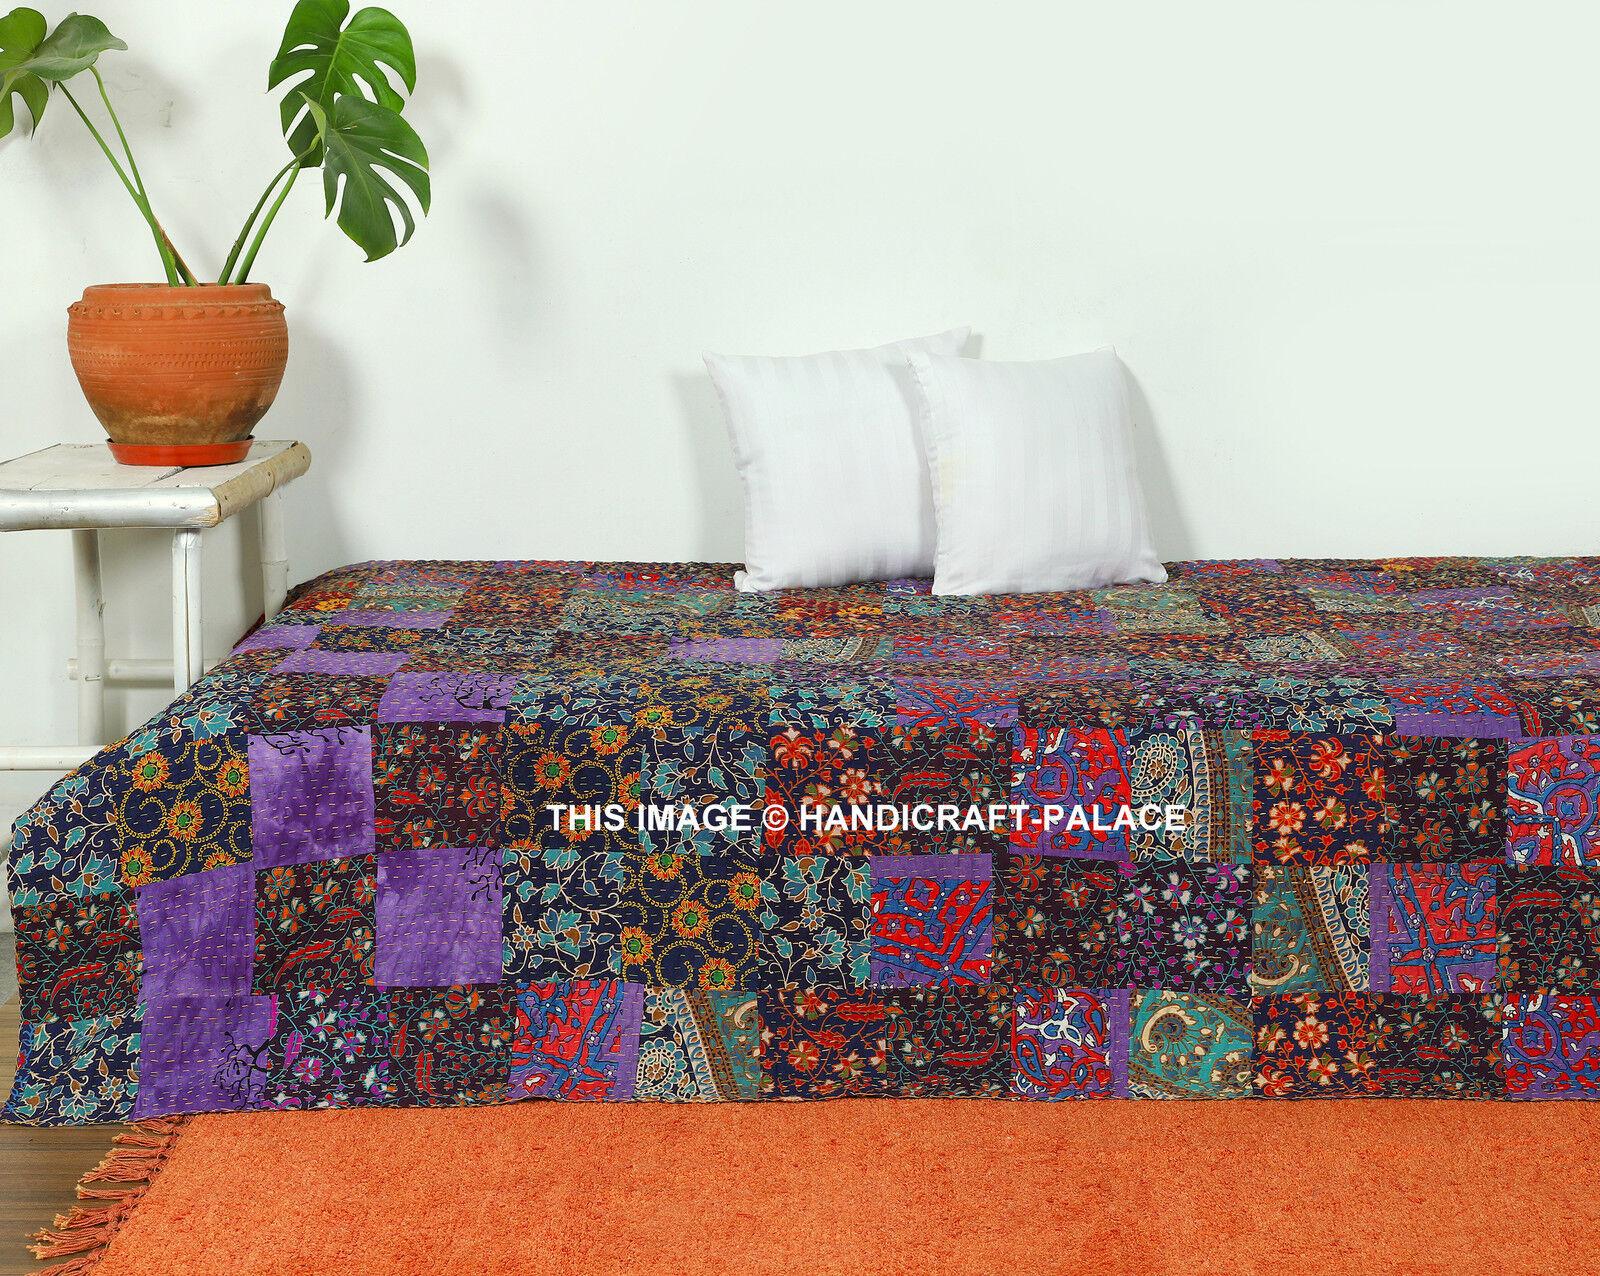 Patchwork Kantha Stitched Vintage Reversible Handmade Mandala Indian Bedspread